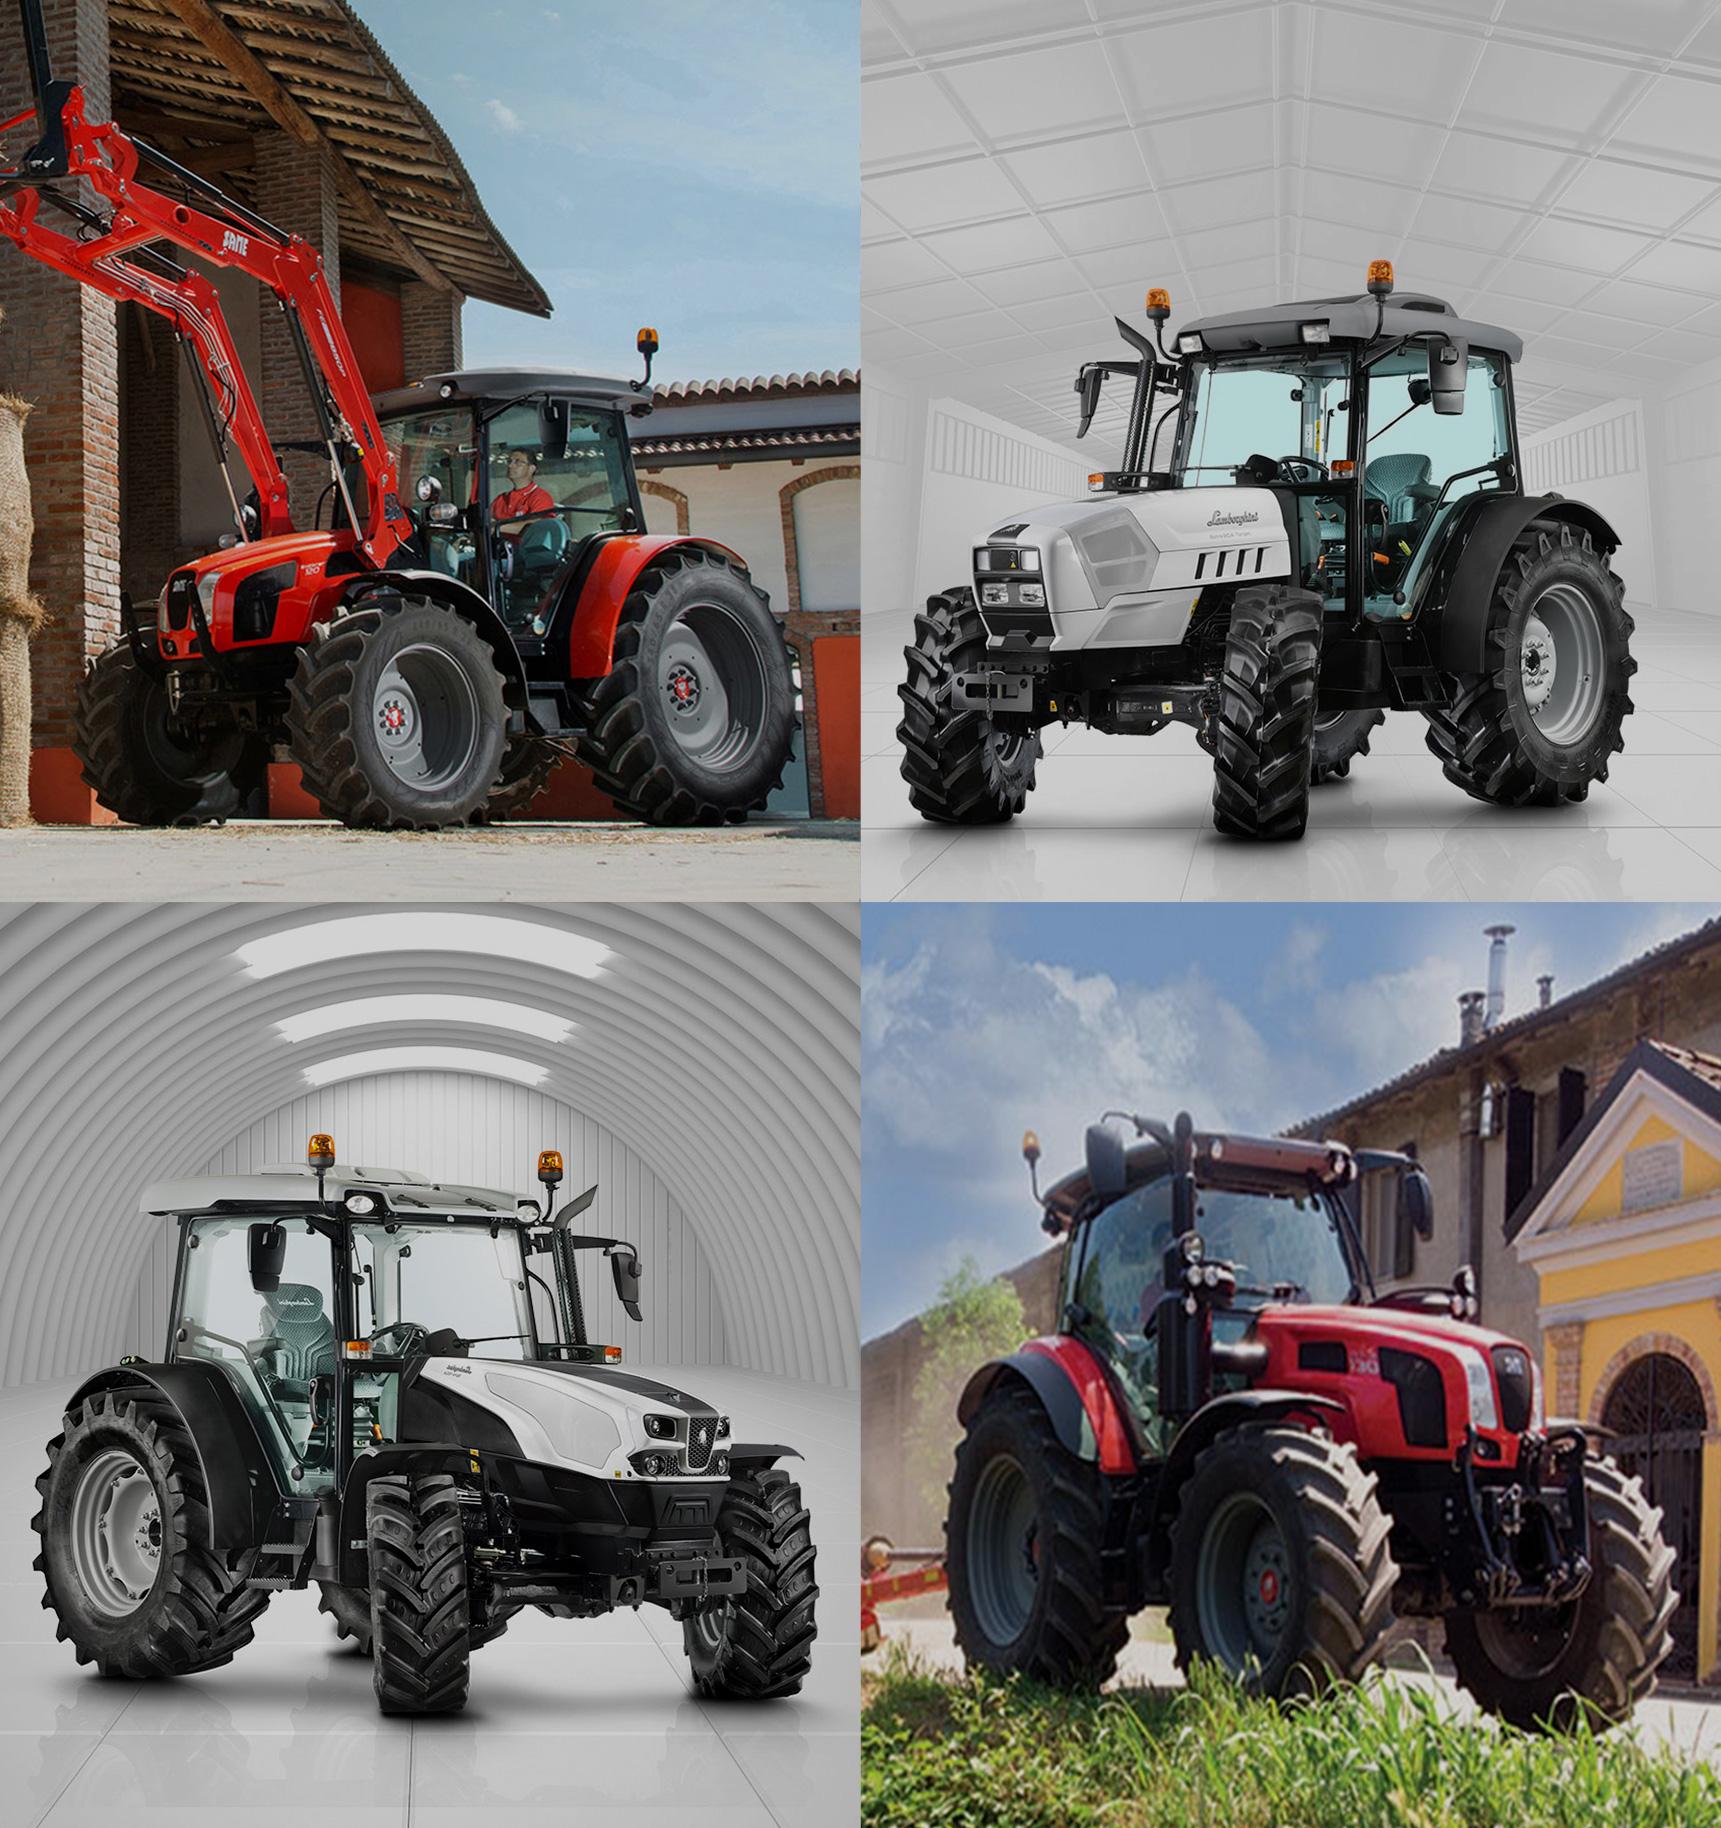 Agrolabor Altiplano trabaja con las mejores marcas del sector. Destacan Same, Lamborghini, Deutz-Fahr y Topavi